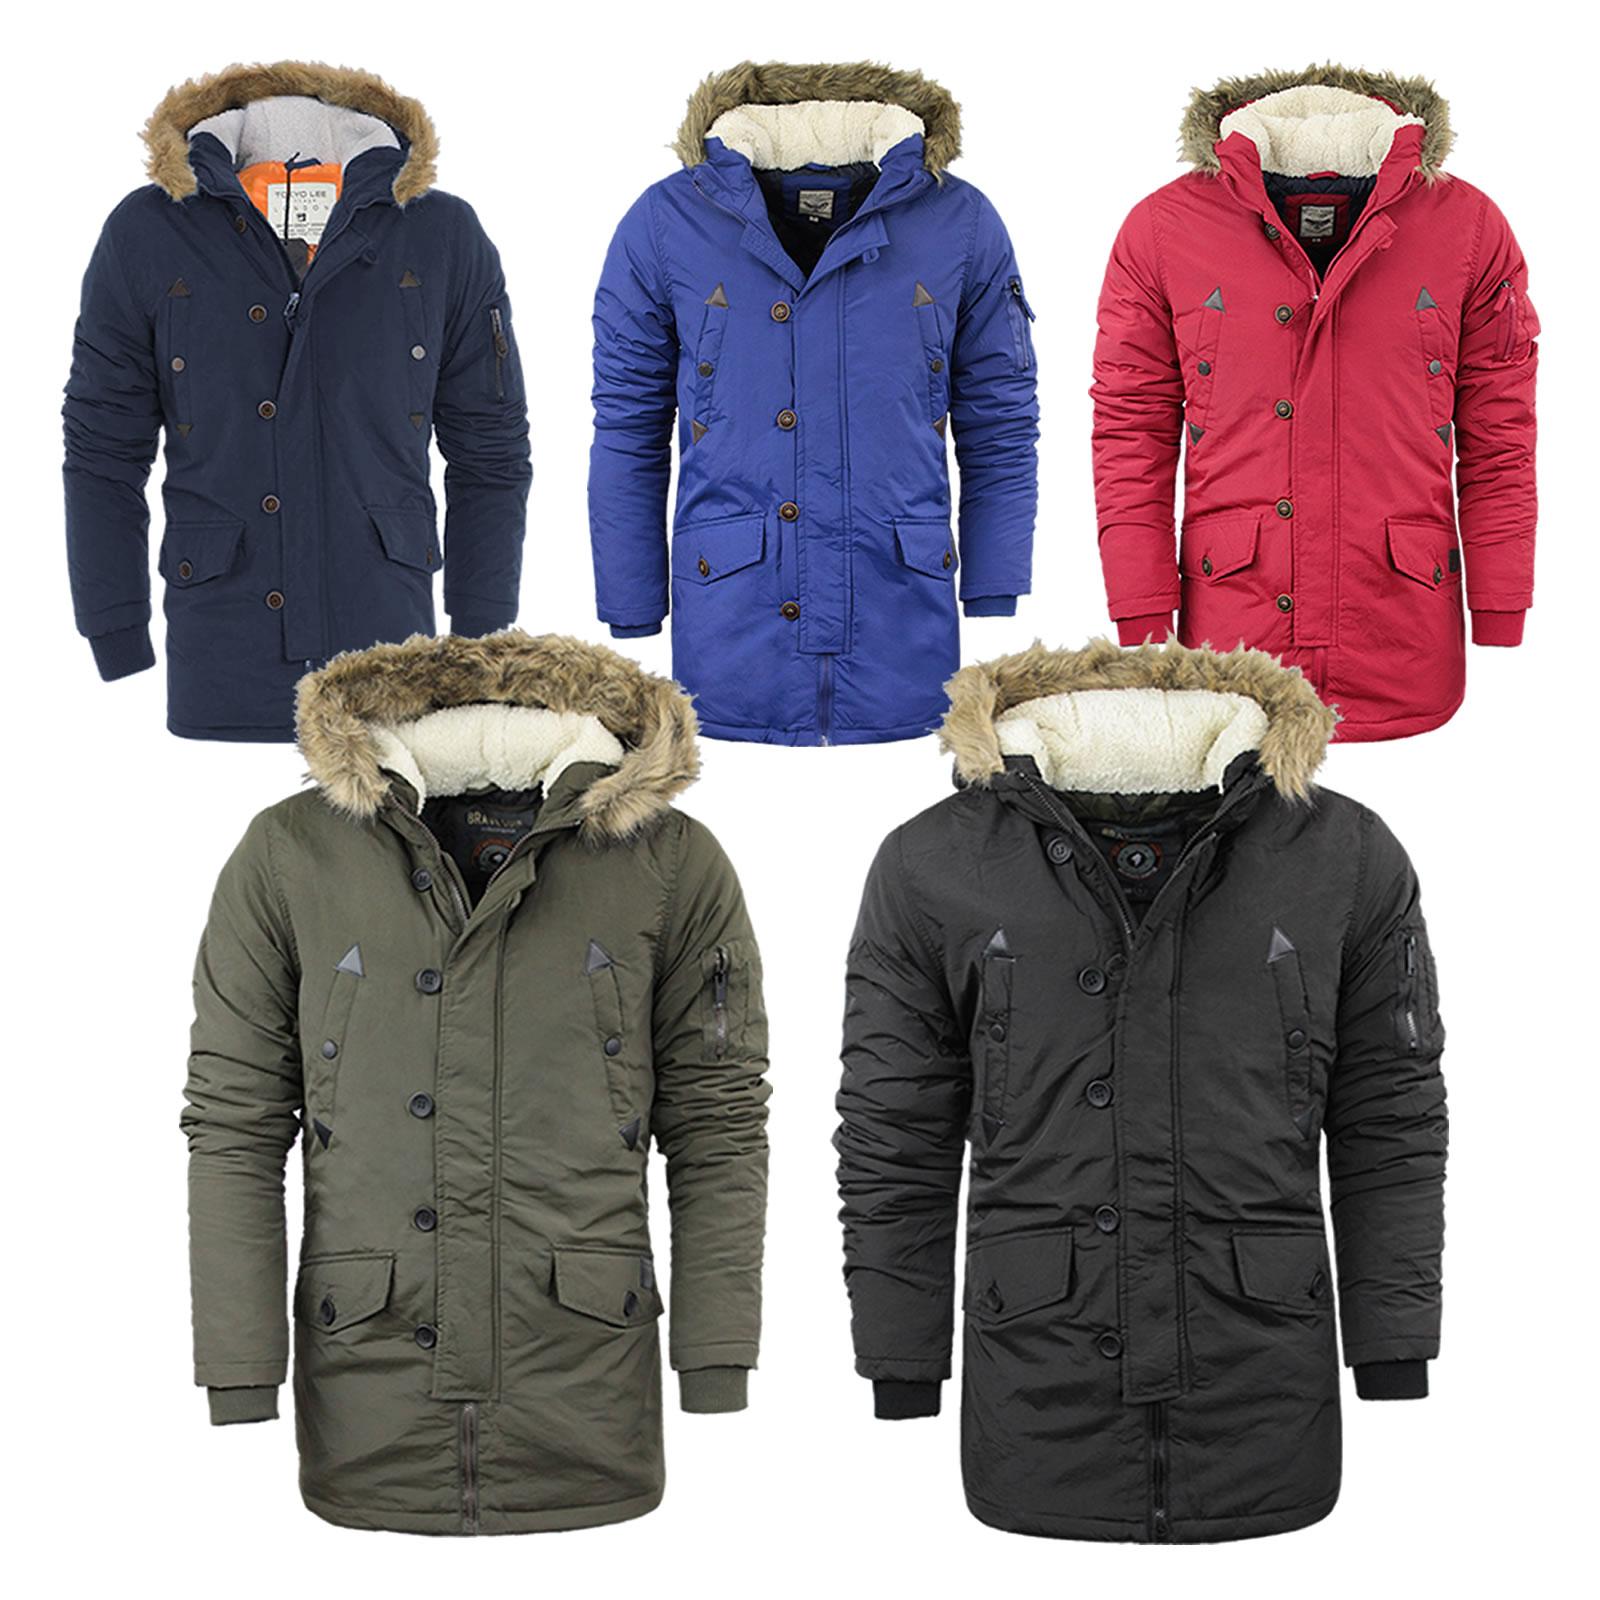 c4455fbb6af05 Details about Mens Brave Soul Parka Parker Padded Lined Winter Jacket Faux  Fur Hooded Coat